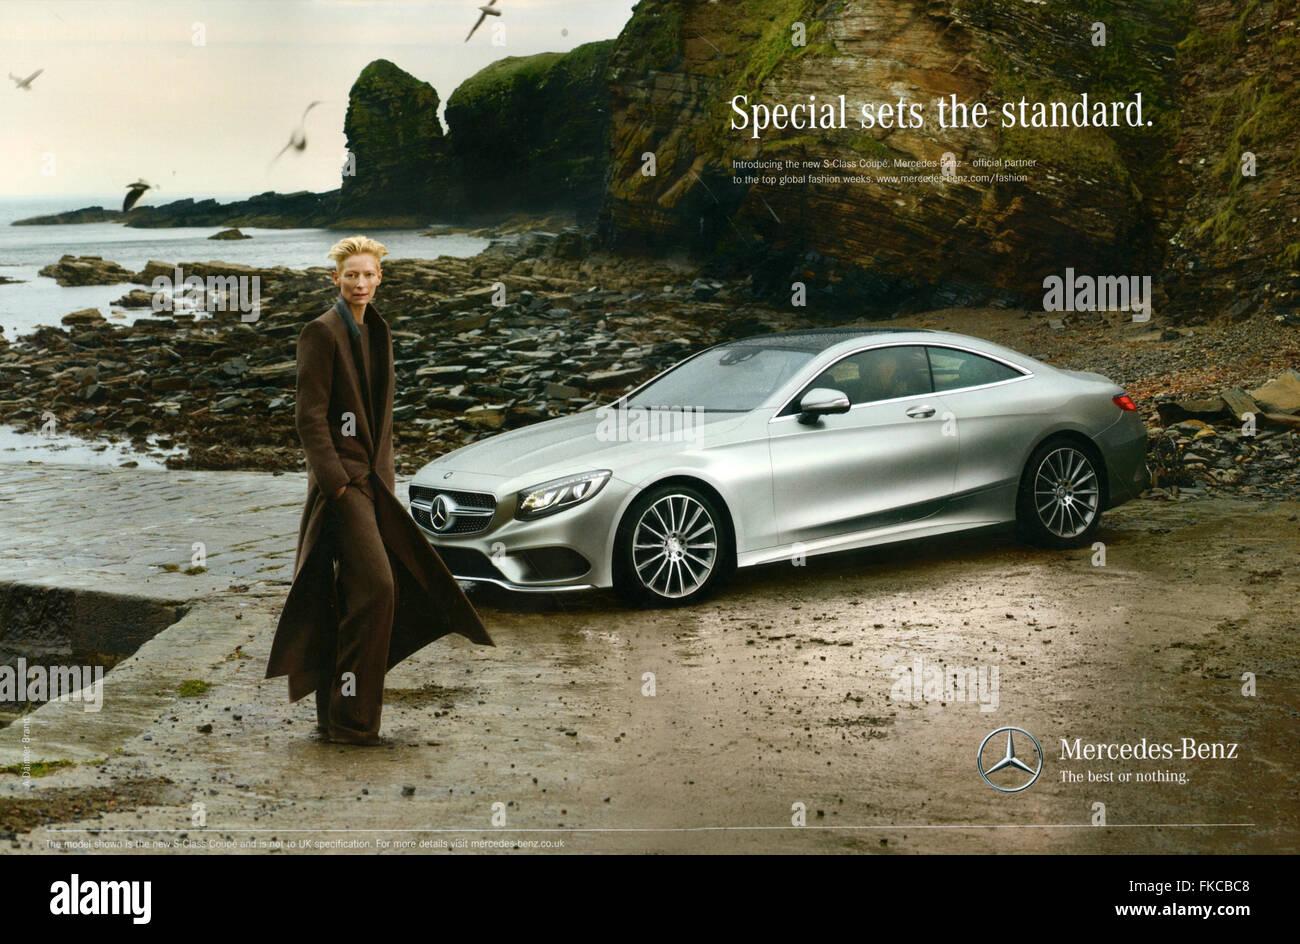 2010er jahre uk mercedes-benz magazin anzeige stockfoto, bild